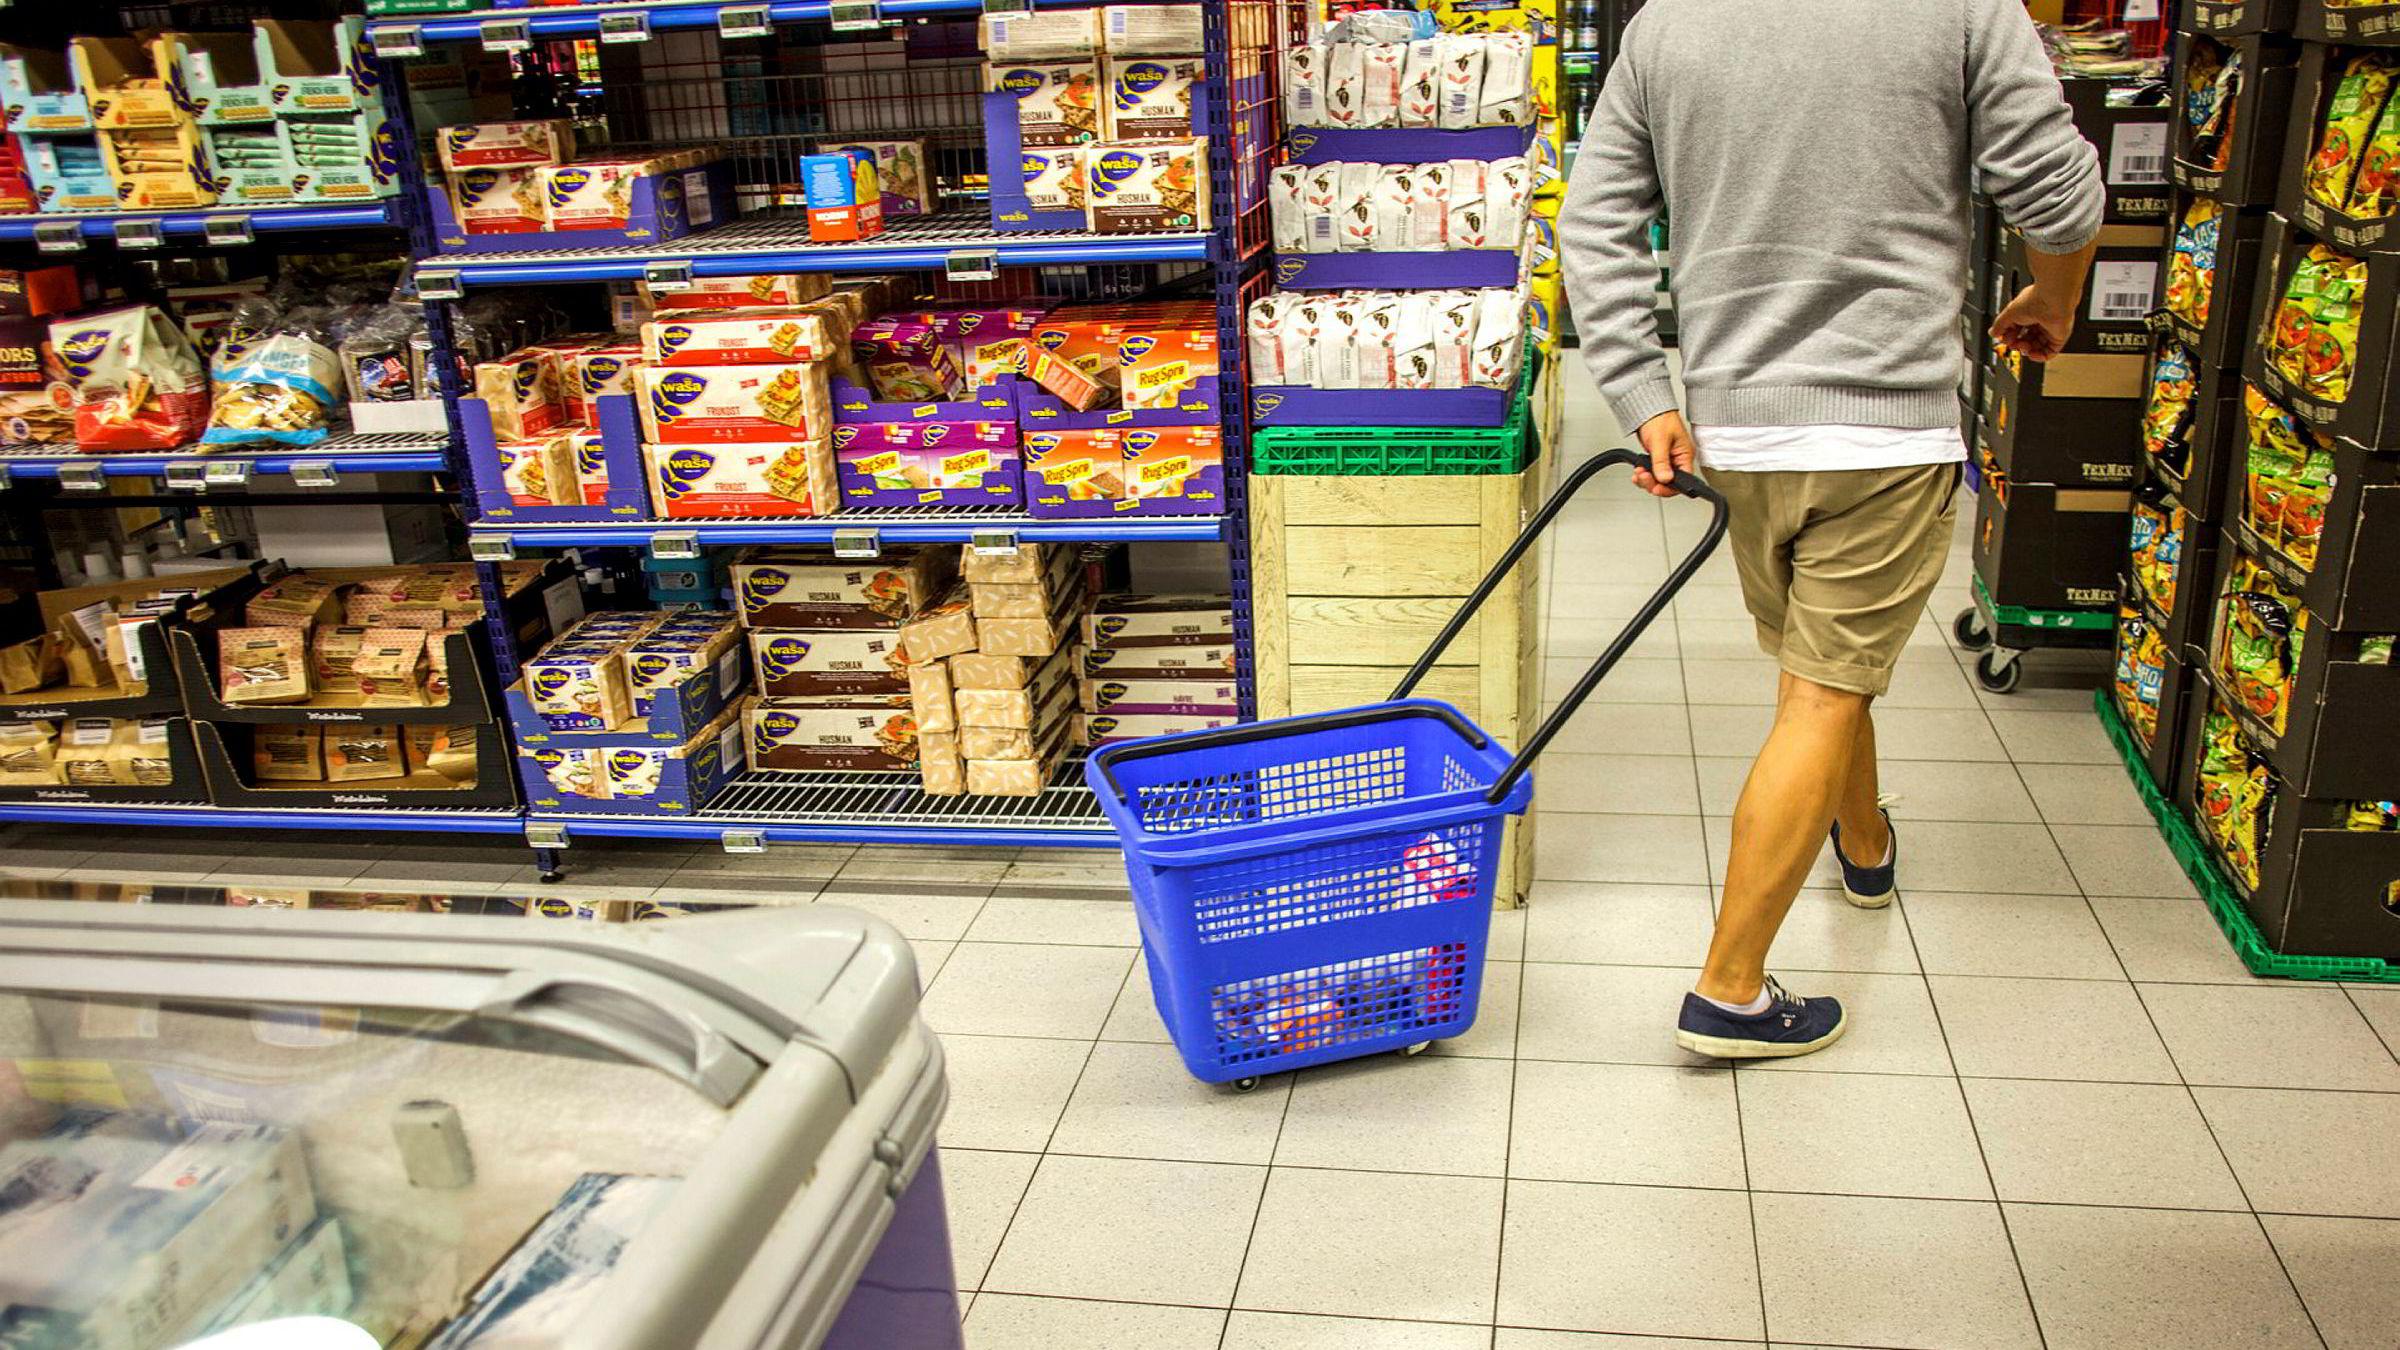 Den nye loven som skal regulere dagligvarebransjen gjør sannsynligvis liten skade.